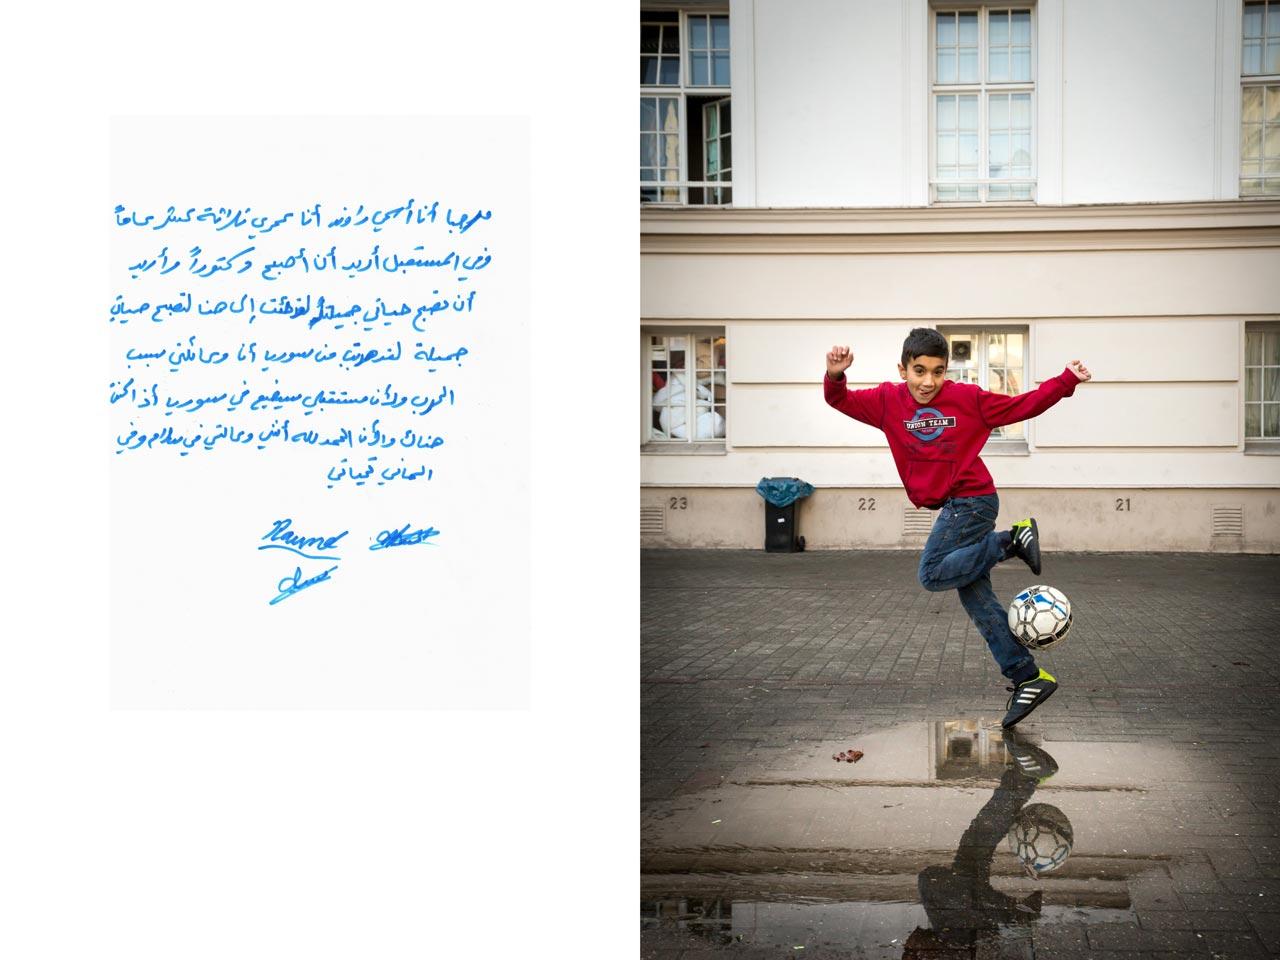 Rand (13) aus Qamishli, Syrien schreibt: »Hallo. Ich heiße Rand und bin 13 Jahre alt. Ich möchte einmal Arzt werden. Ich bin hierhergekommen, damit mein Leben schön wird. Meine Familie und ich sind wegen des Krieges aus Syrien geflohen und auch, weil meine Zukunft verloren gegangen wäre, wenn ich dort geblieben wäre. Gott sei Dank, dass meine Familie und ich nun in Frieden leben und wir in Deutschland sind. Schöne Grüße.«